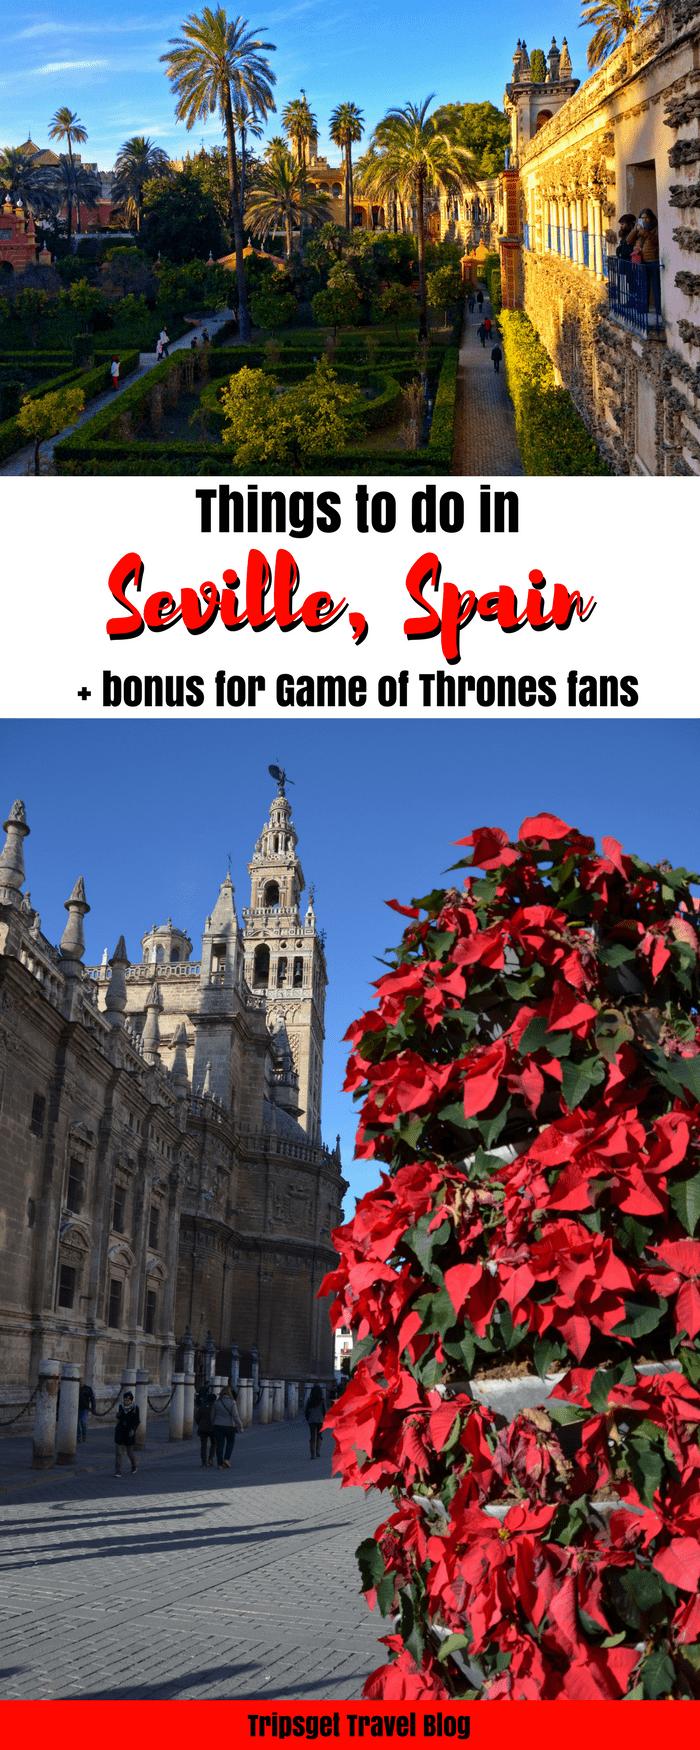 Things to do in Seville, Spain in december. Seville in December. Game of Thrones Spain. Dorne